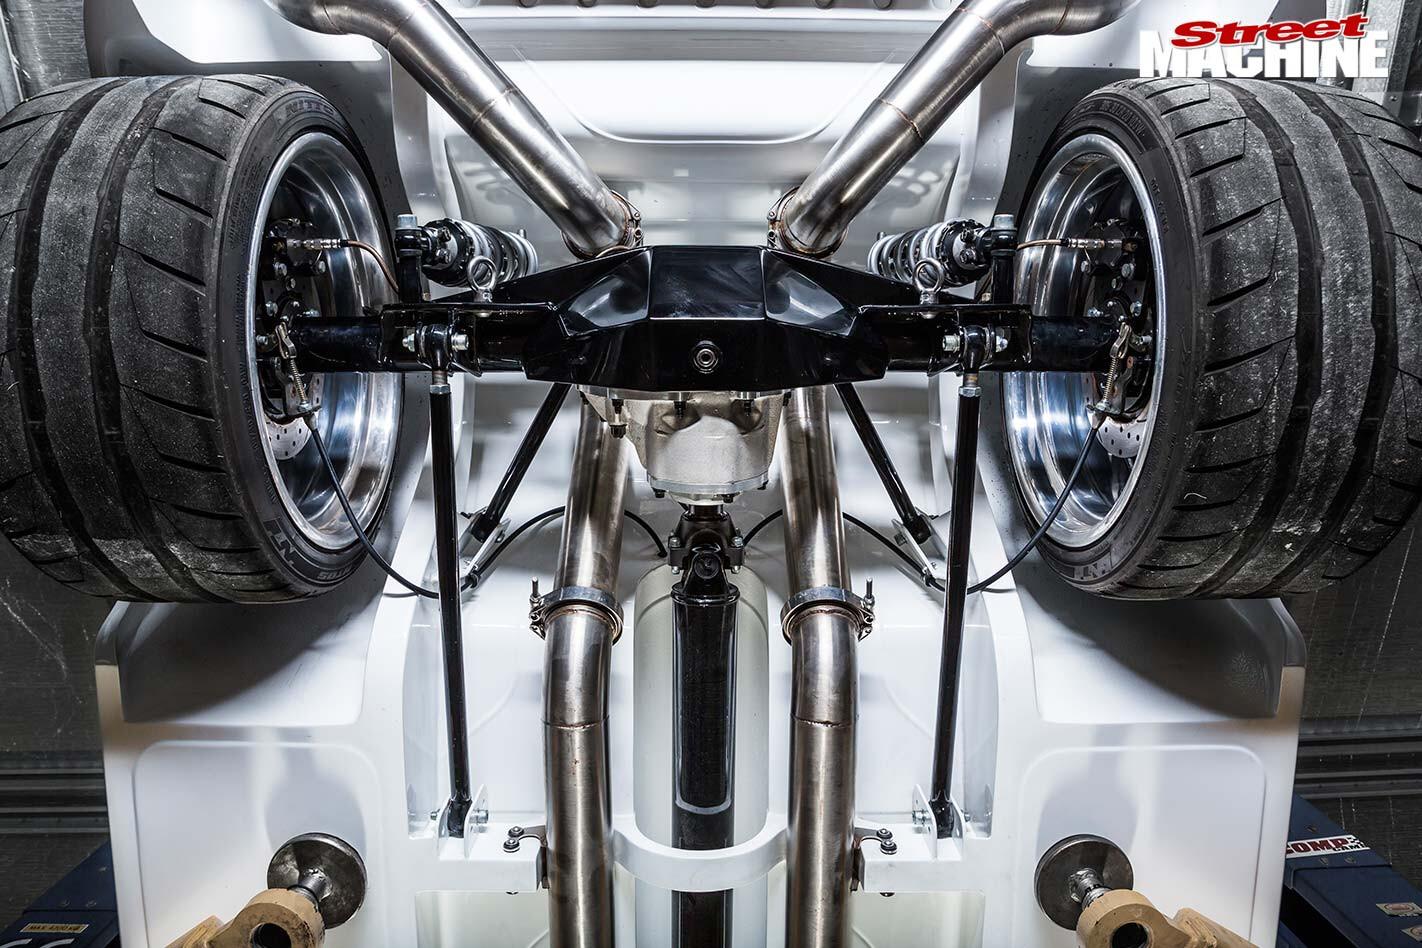 Chrysler VG Valiant underside